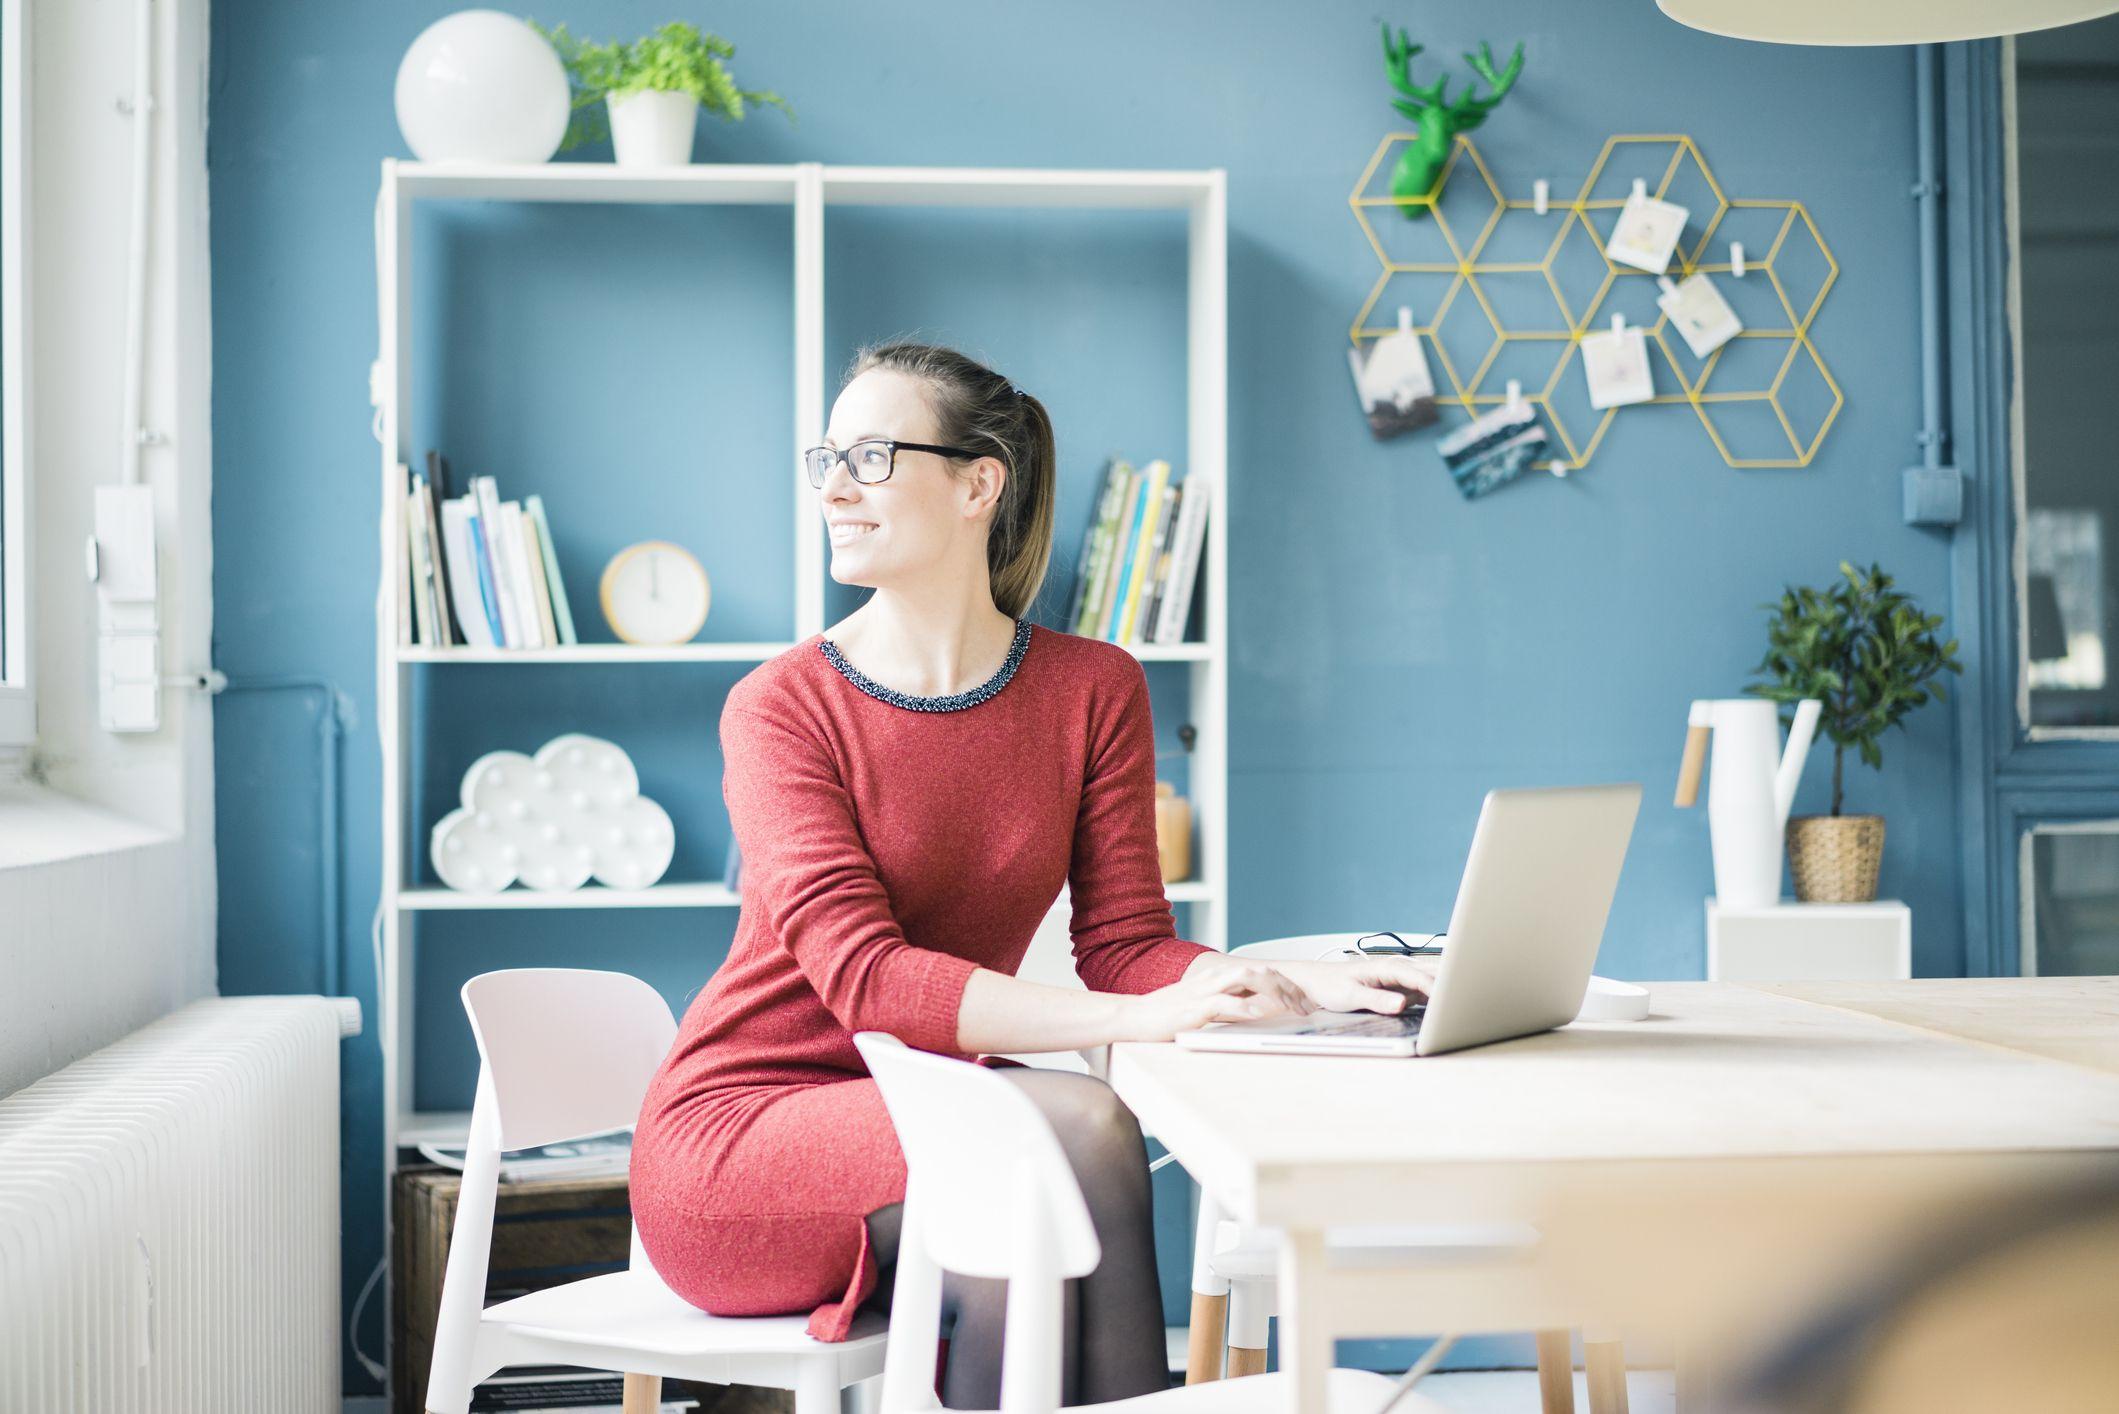 5 consigli per organizzare al meglio la tua giornata di Smart Working a casa senza perderti in chiacchiere